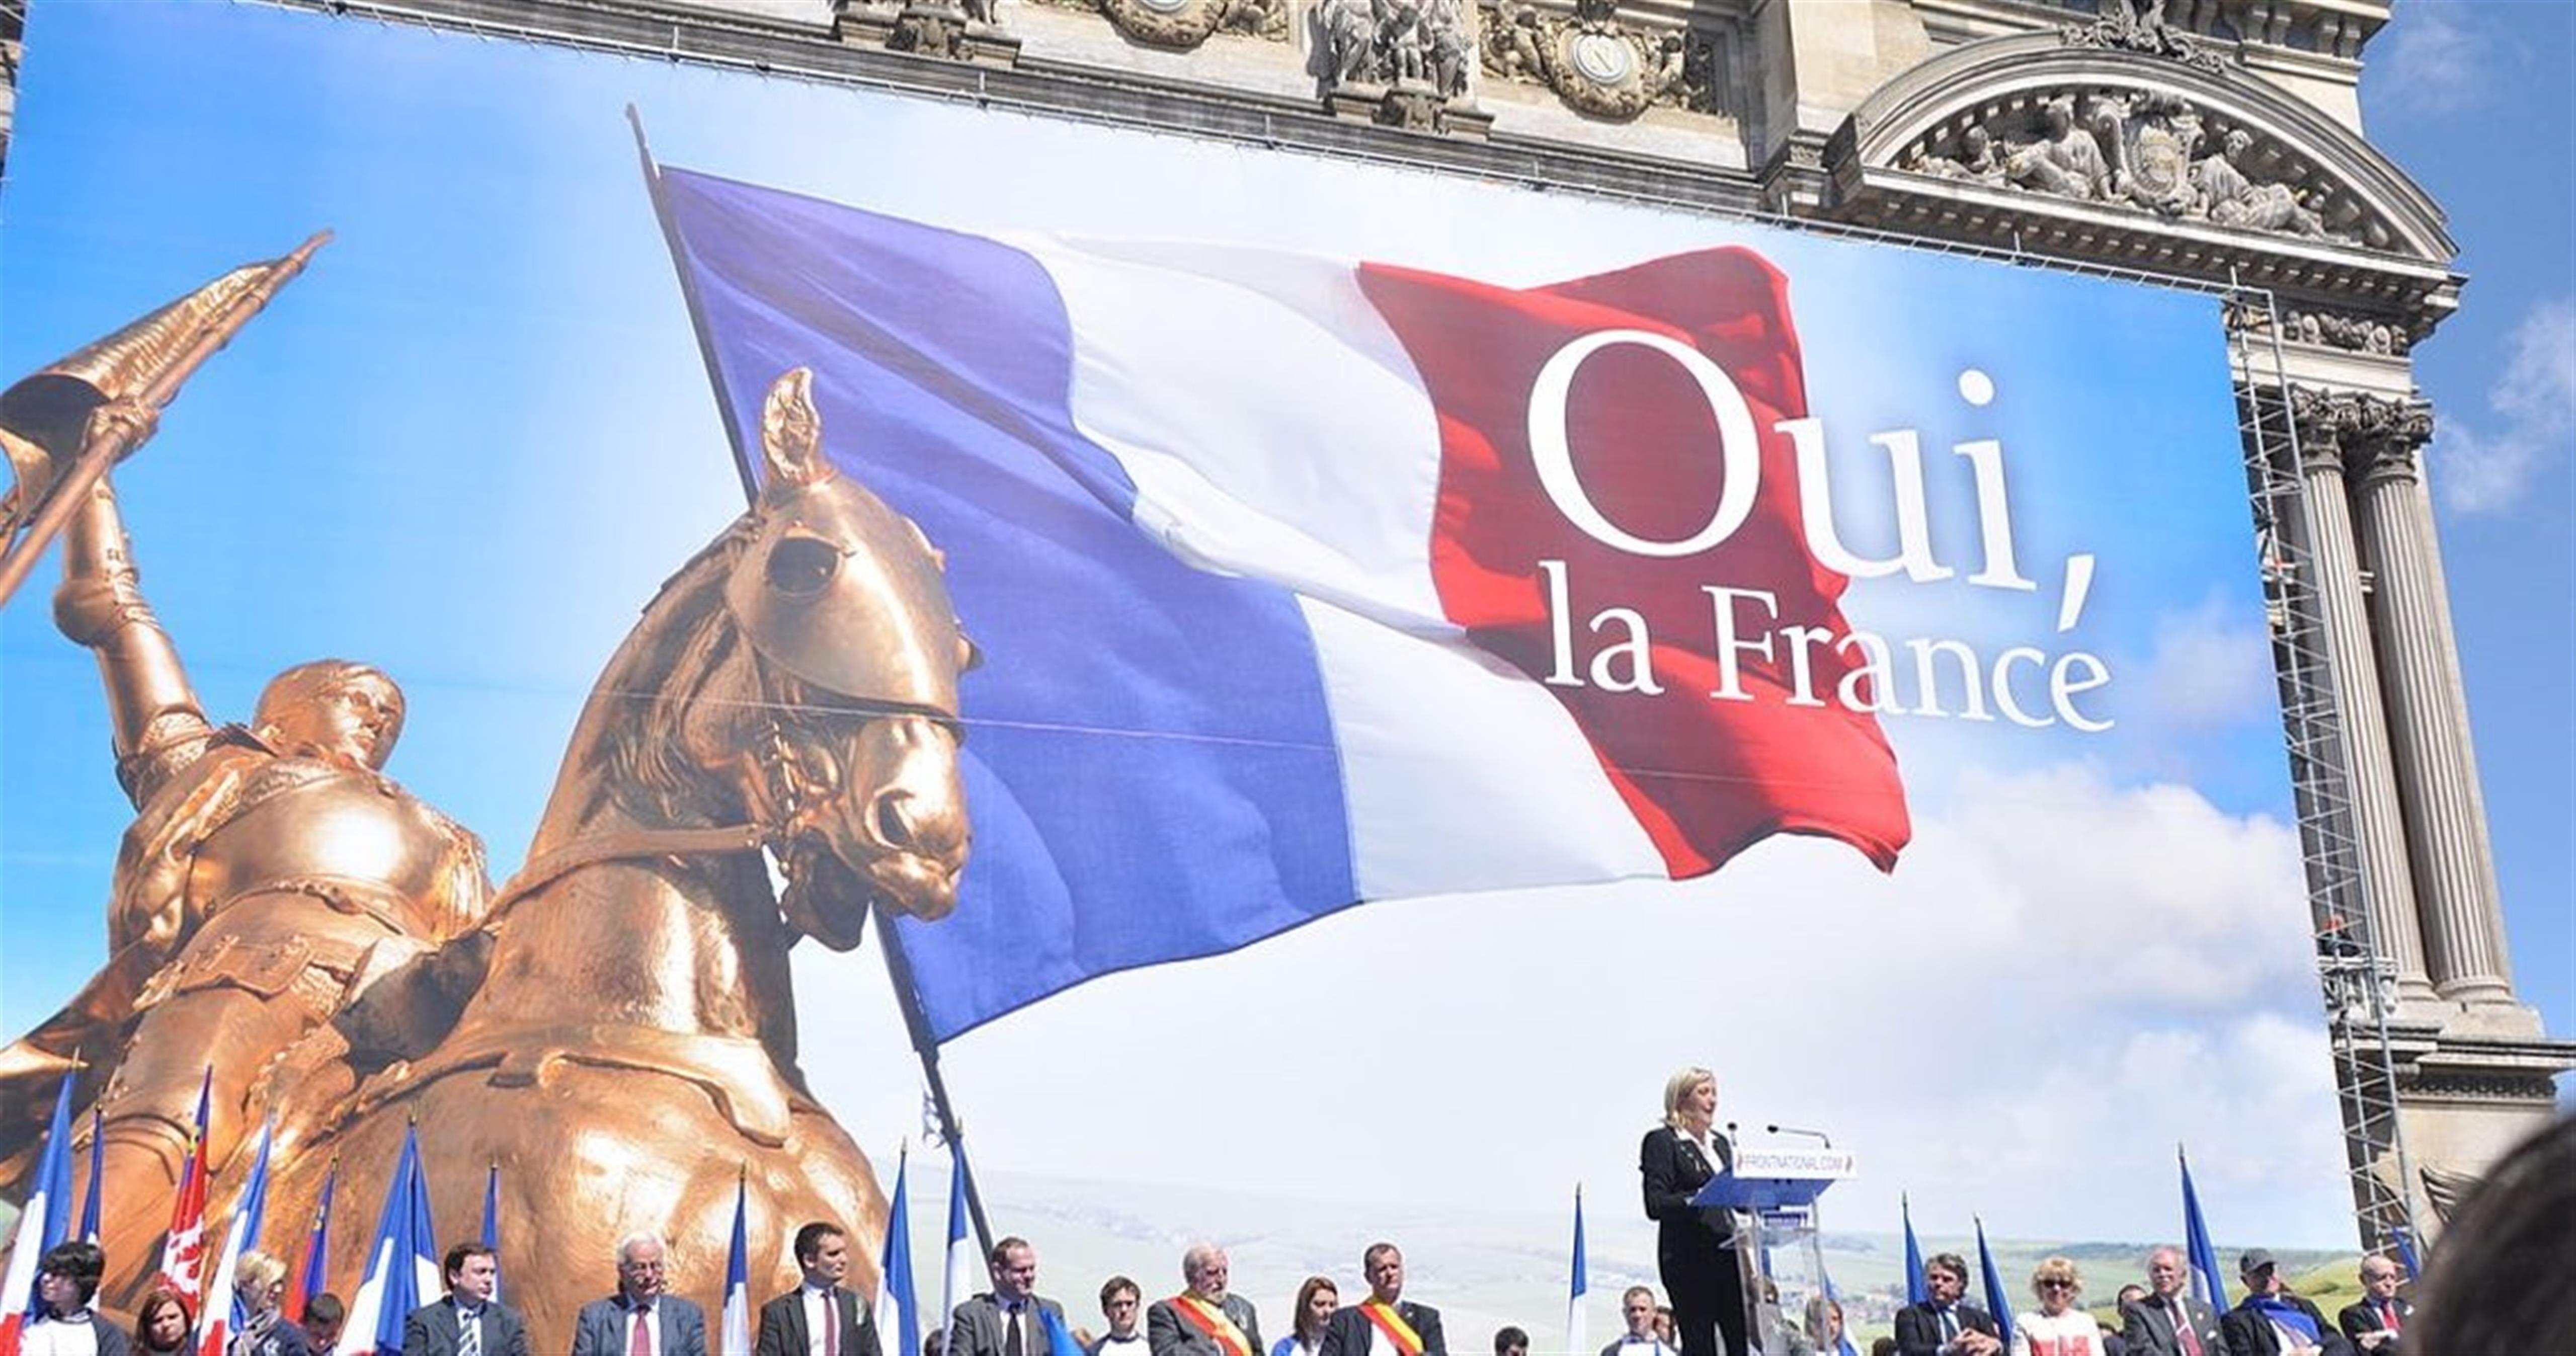 Perché Marine Le Pen spaventa e affascina nello stesso tempo?